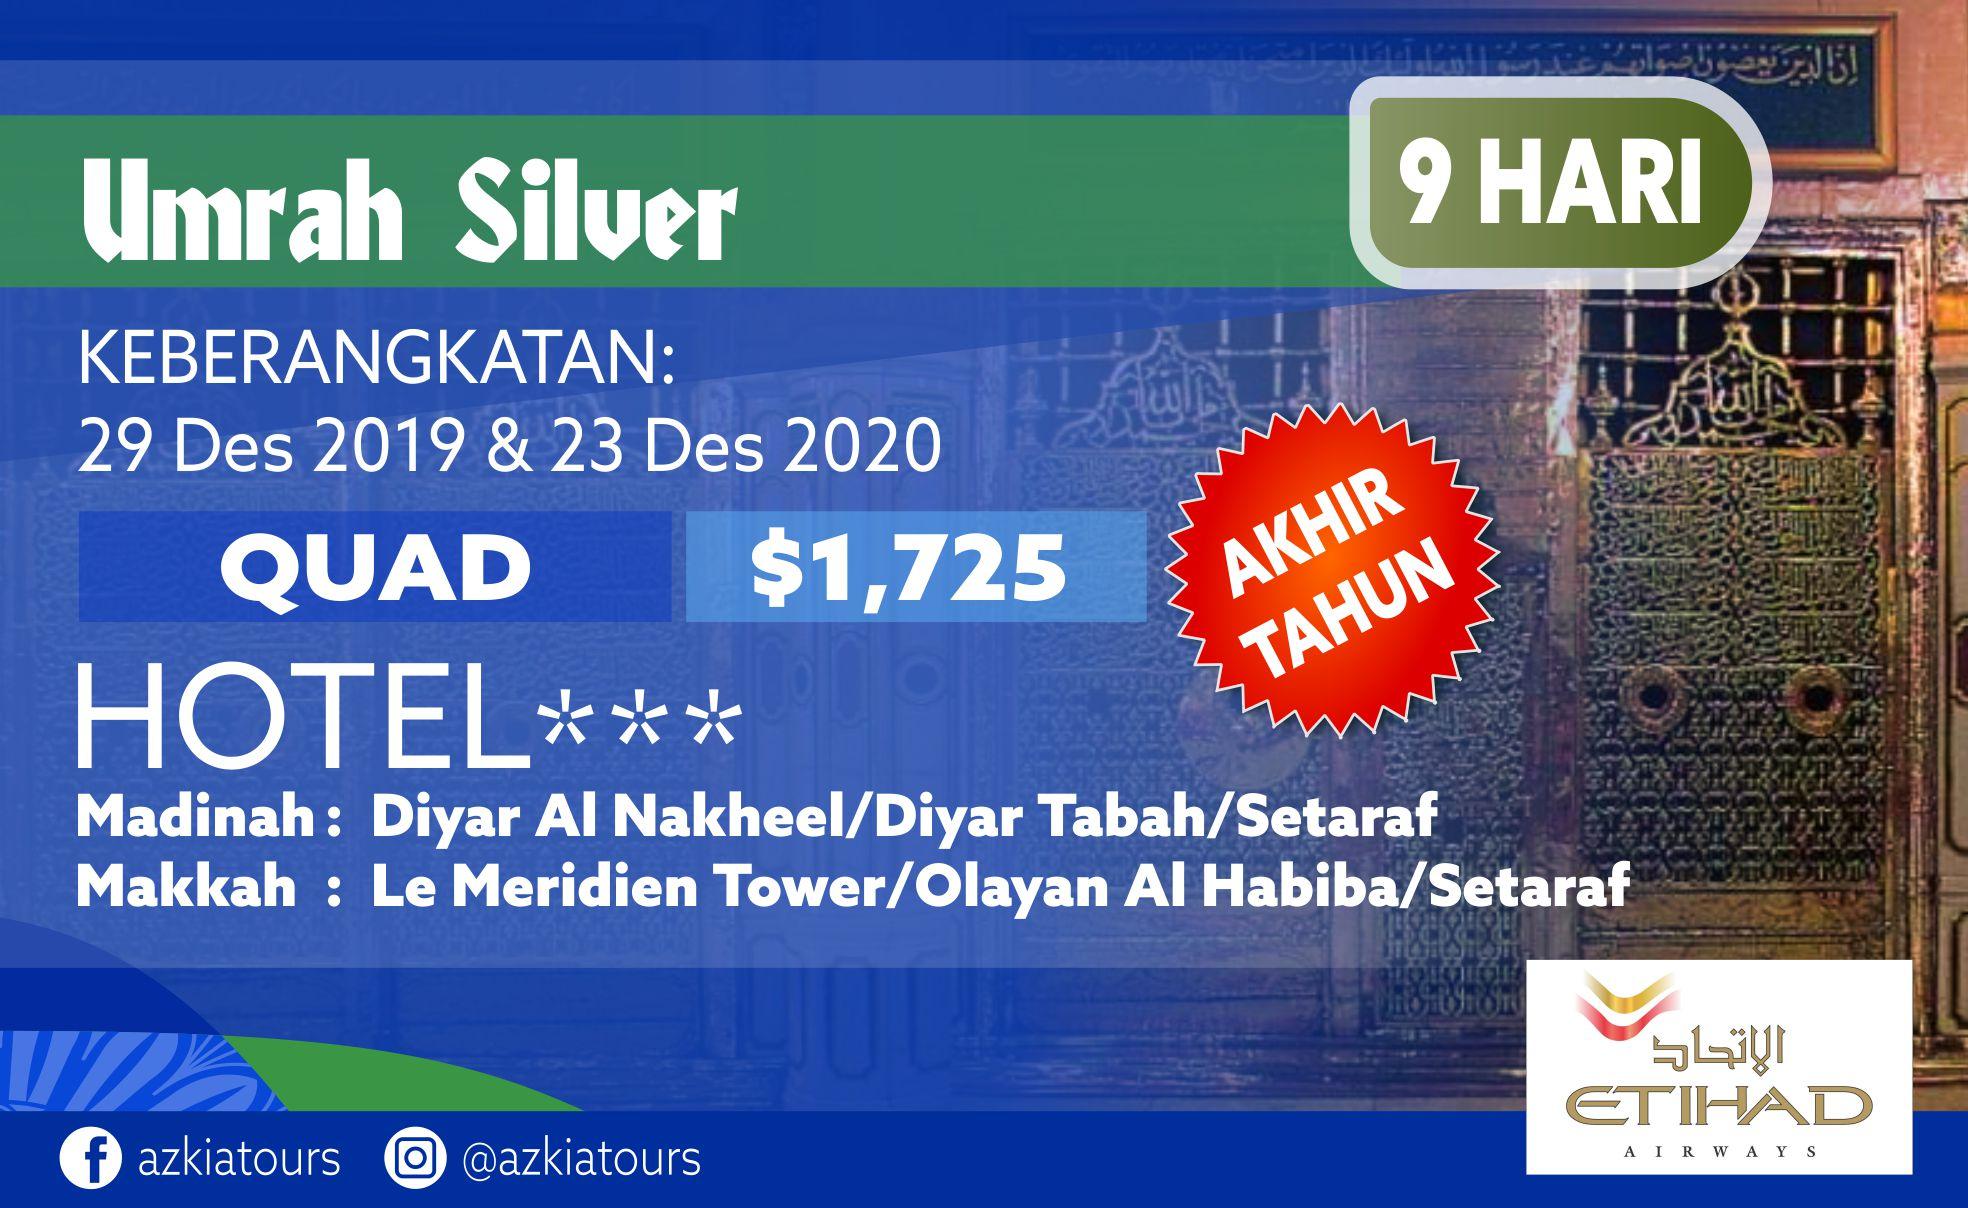 Umrah Silver